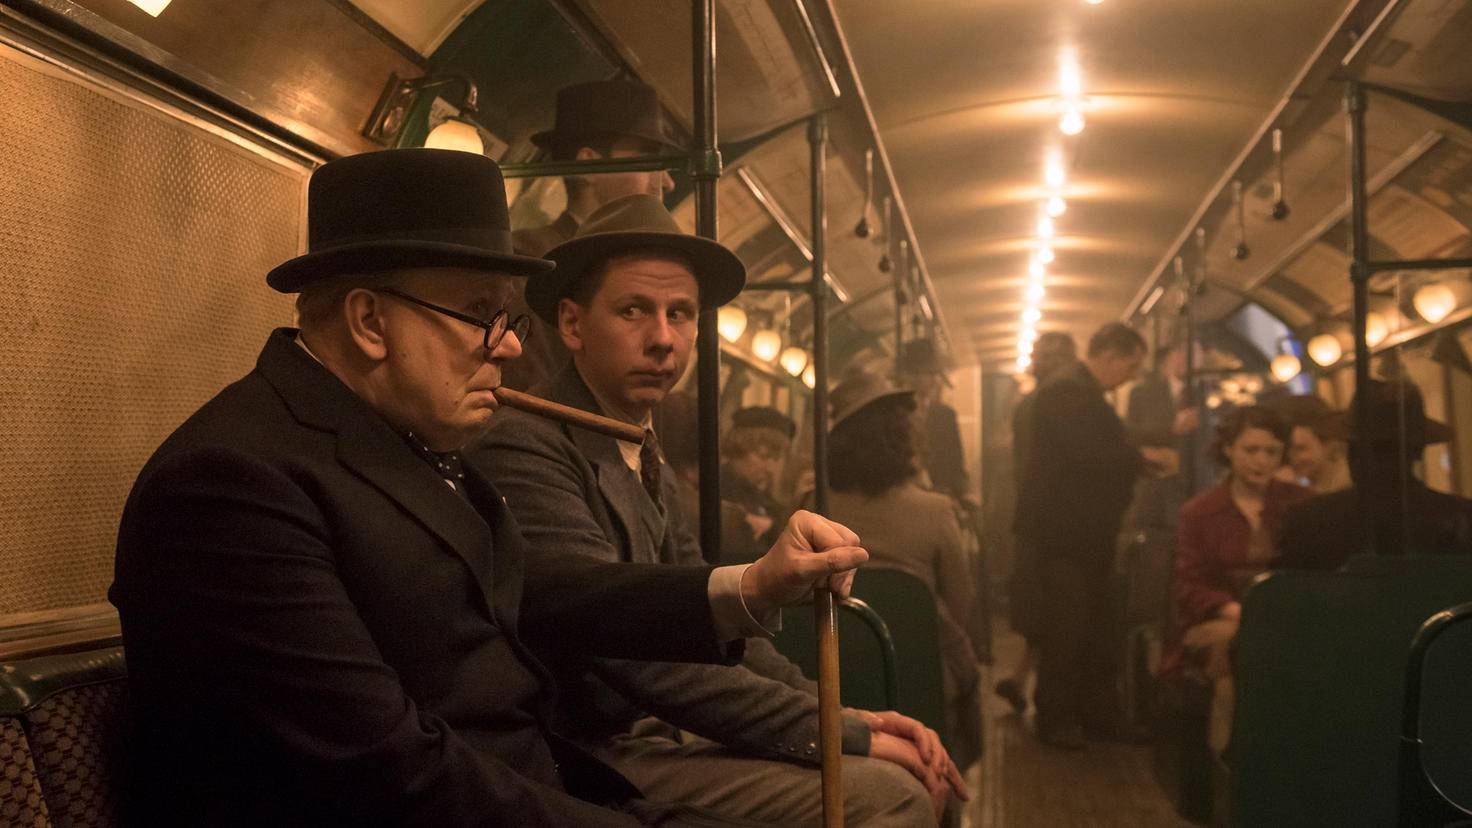 Bei einem Besuch in der Londoner U-Bahn ...